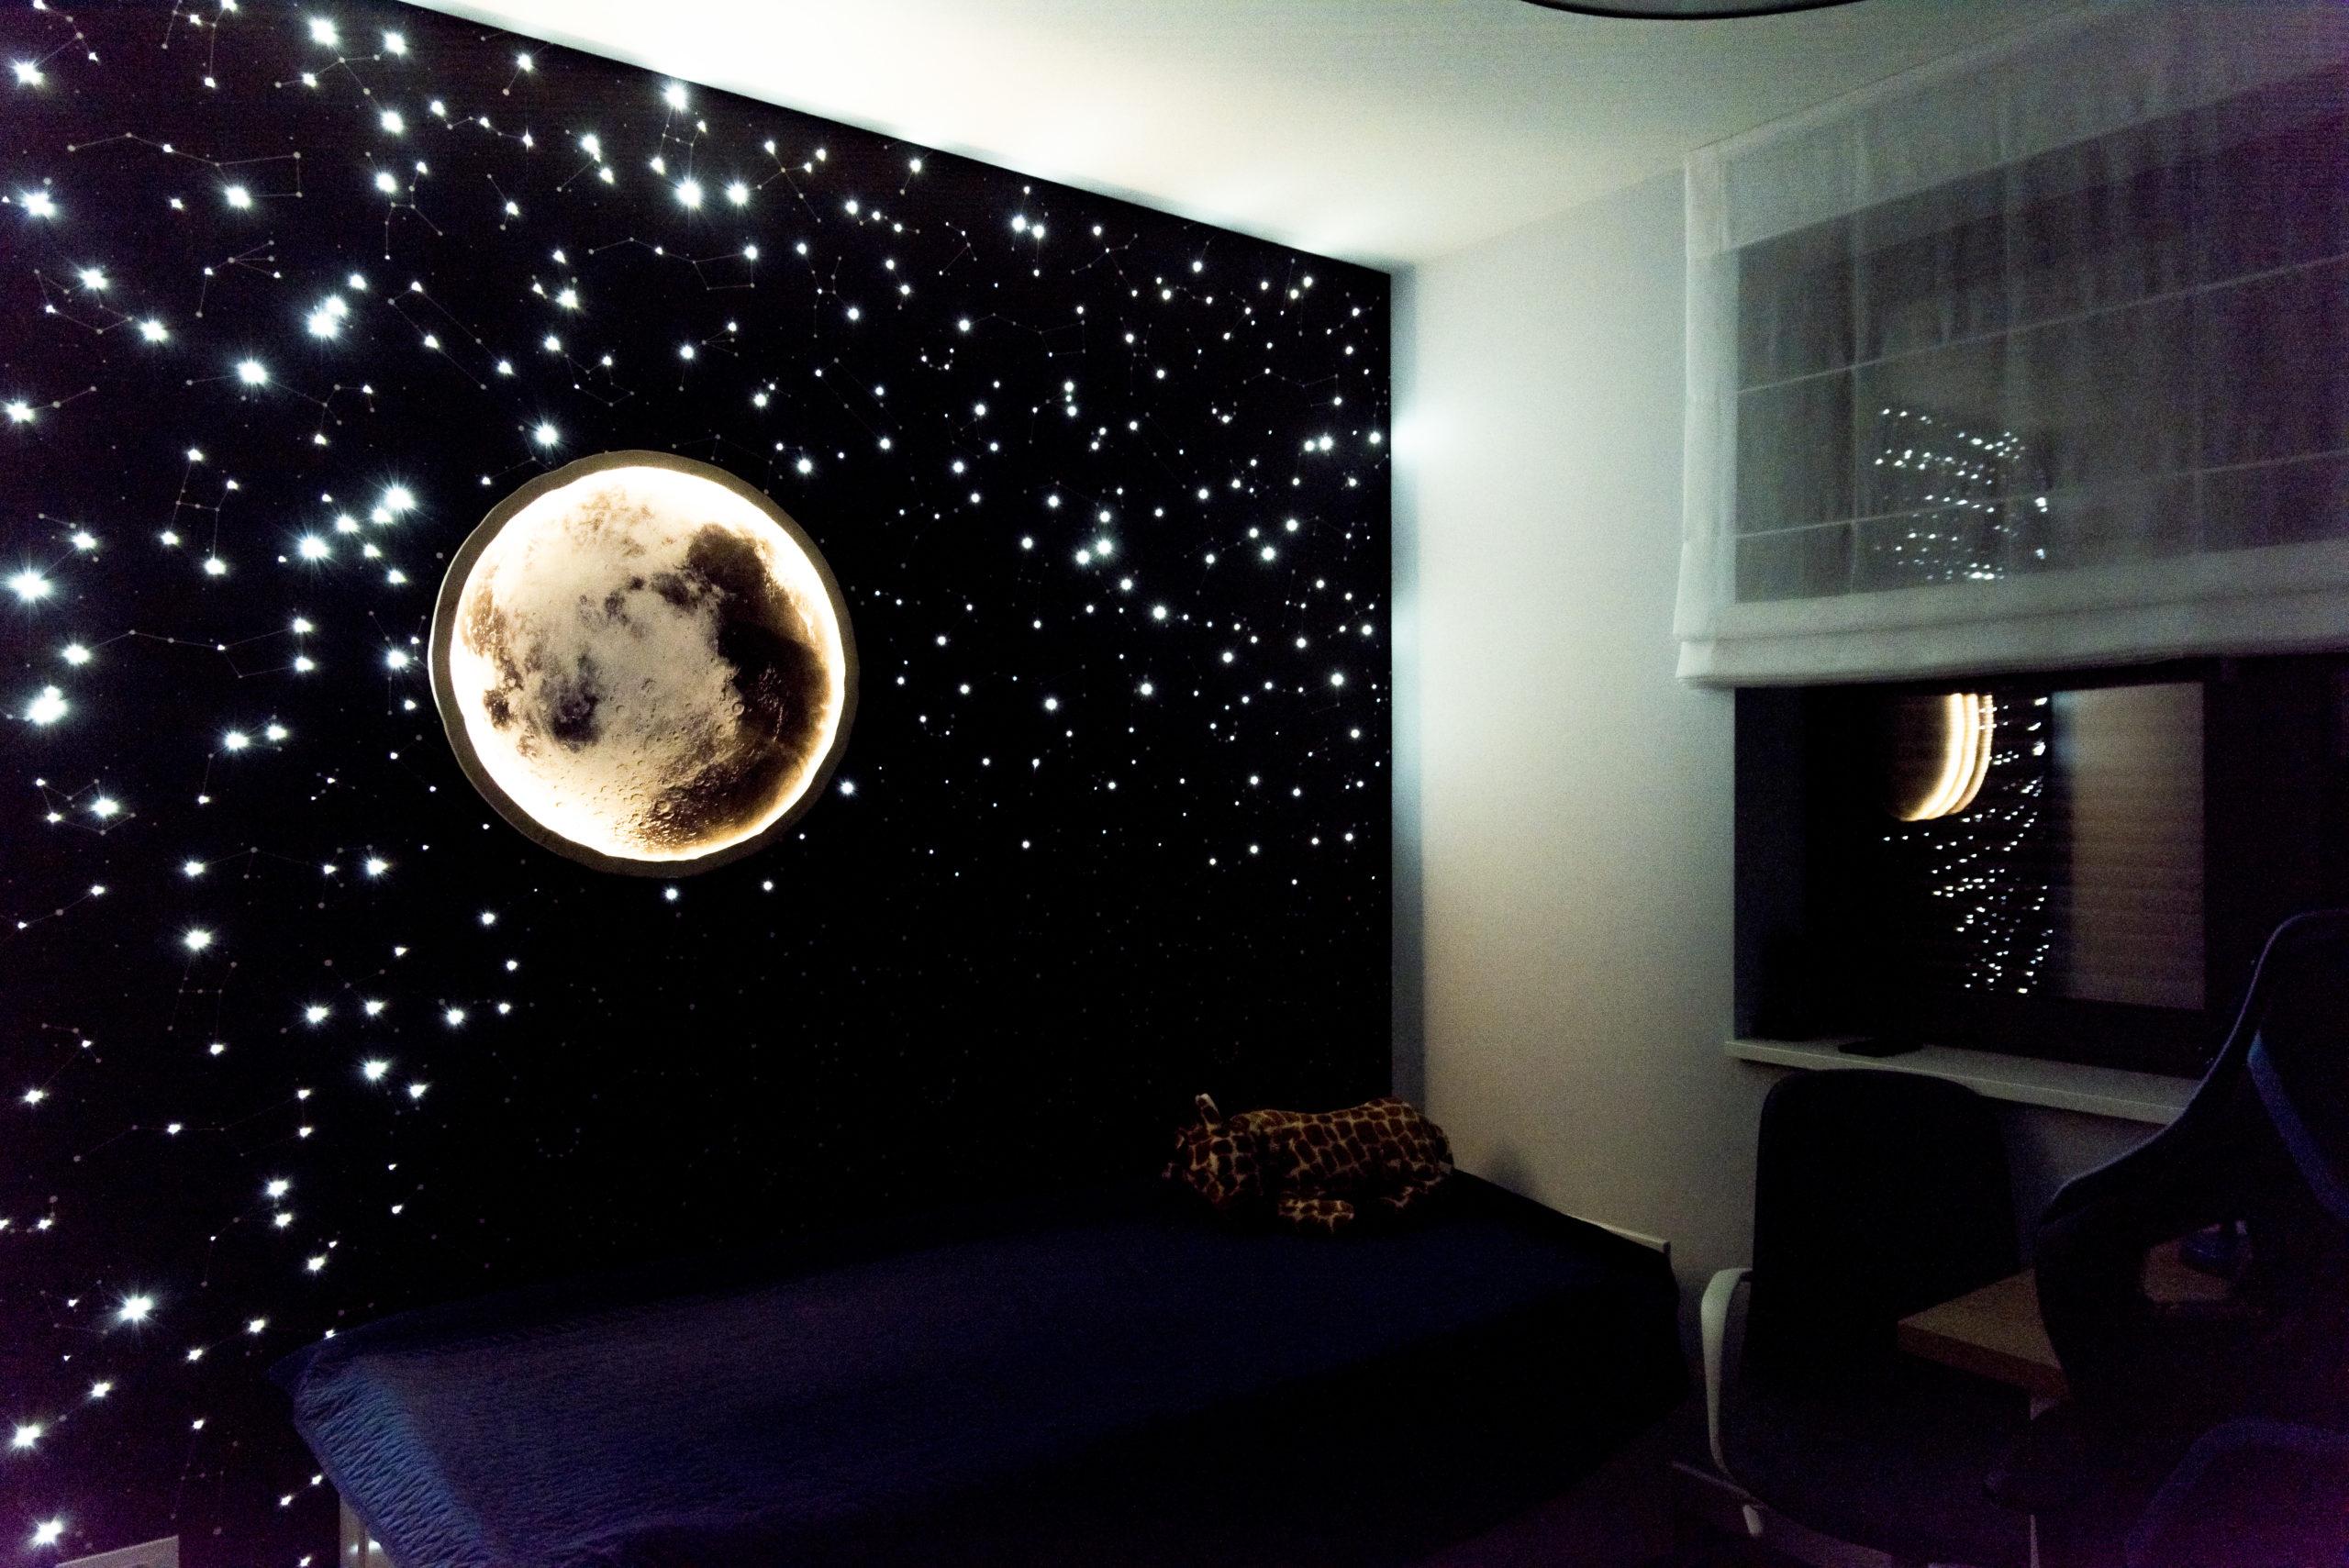 Pokój z księżycem